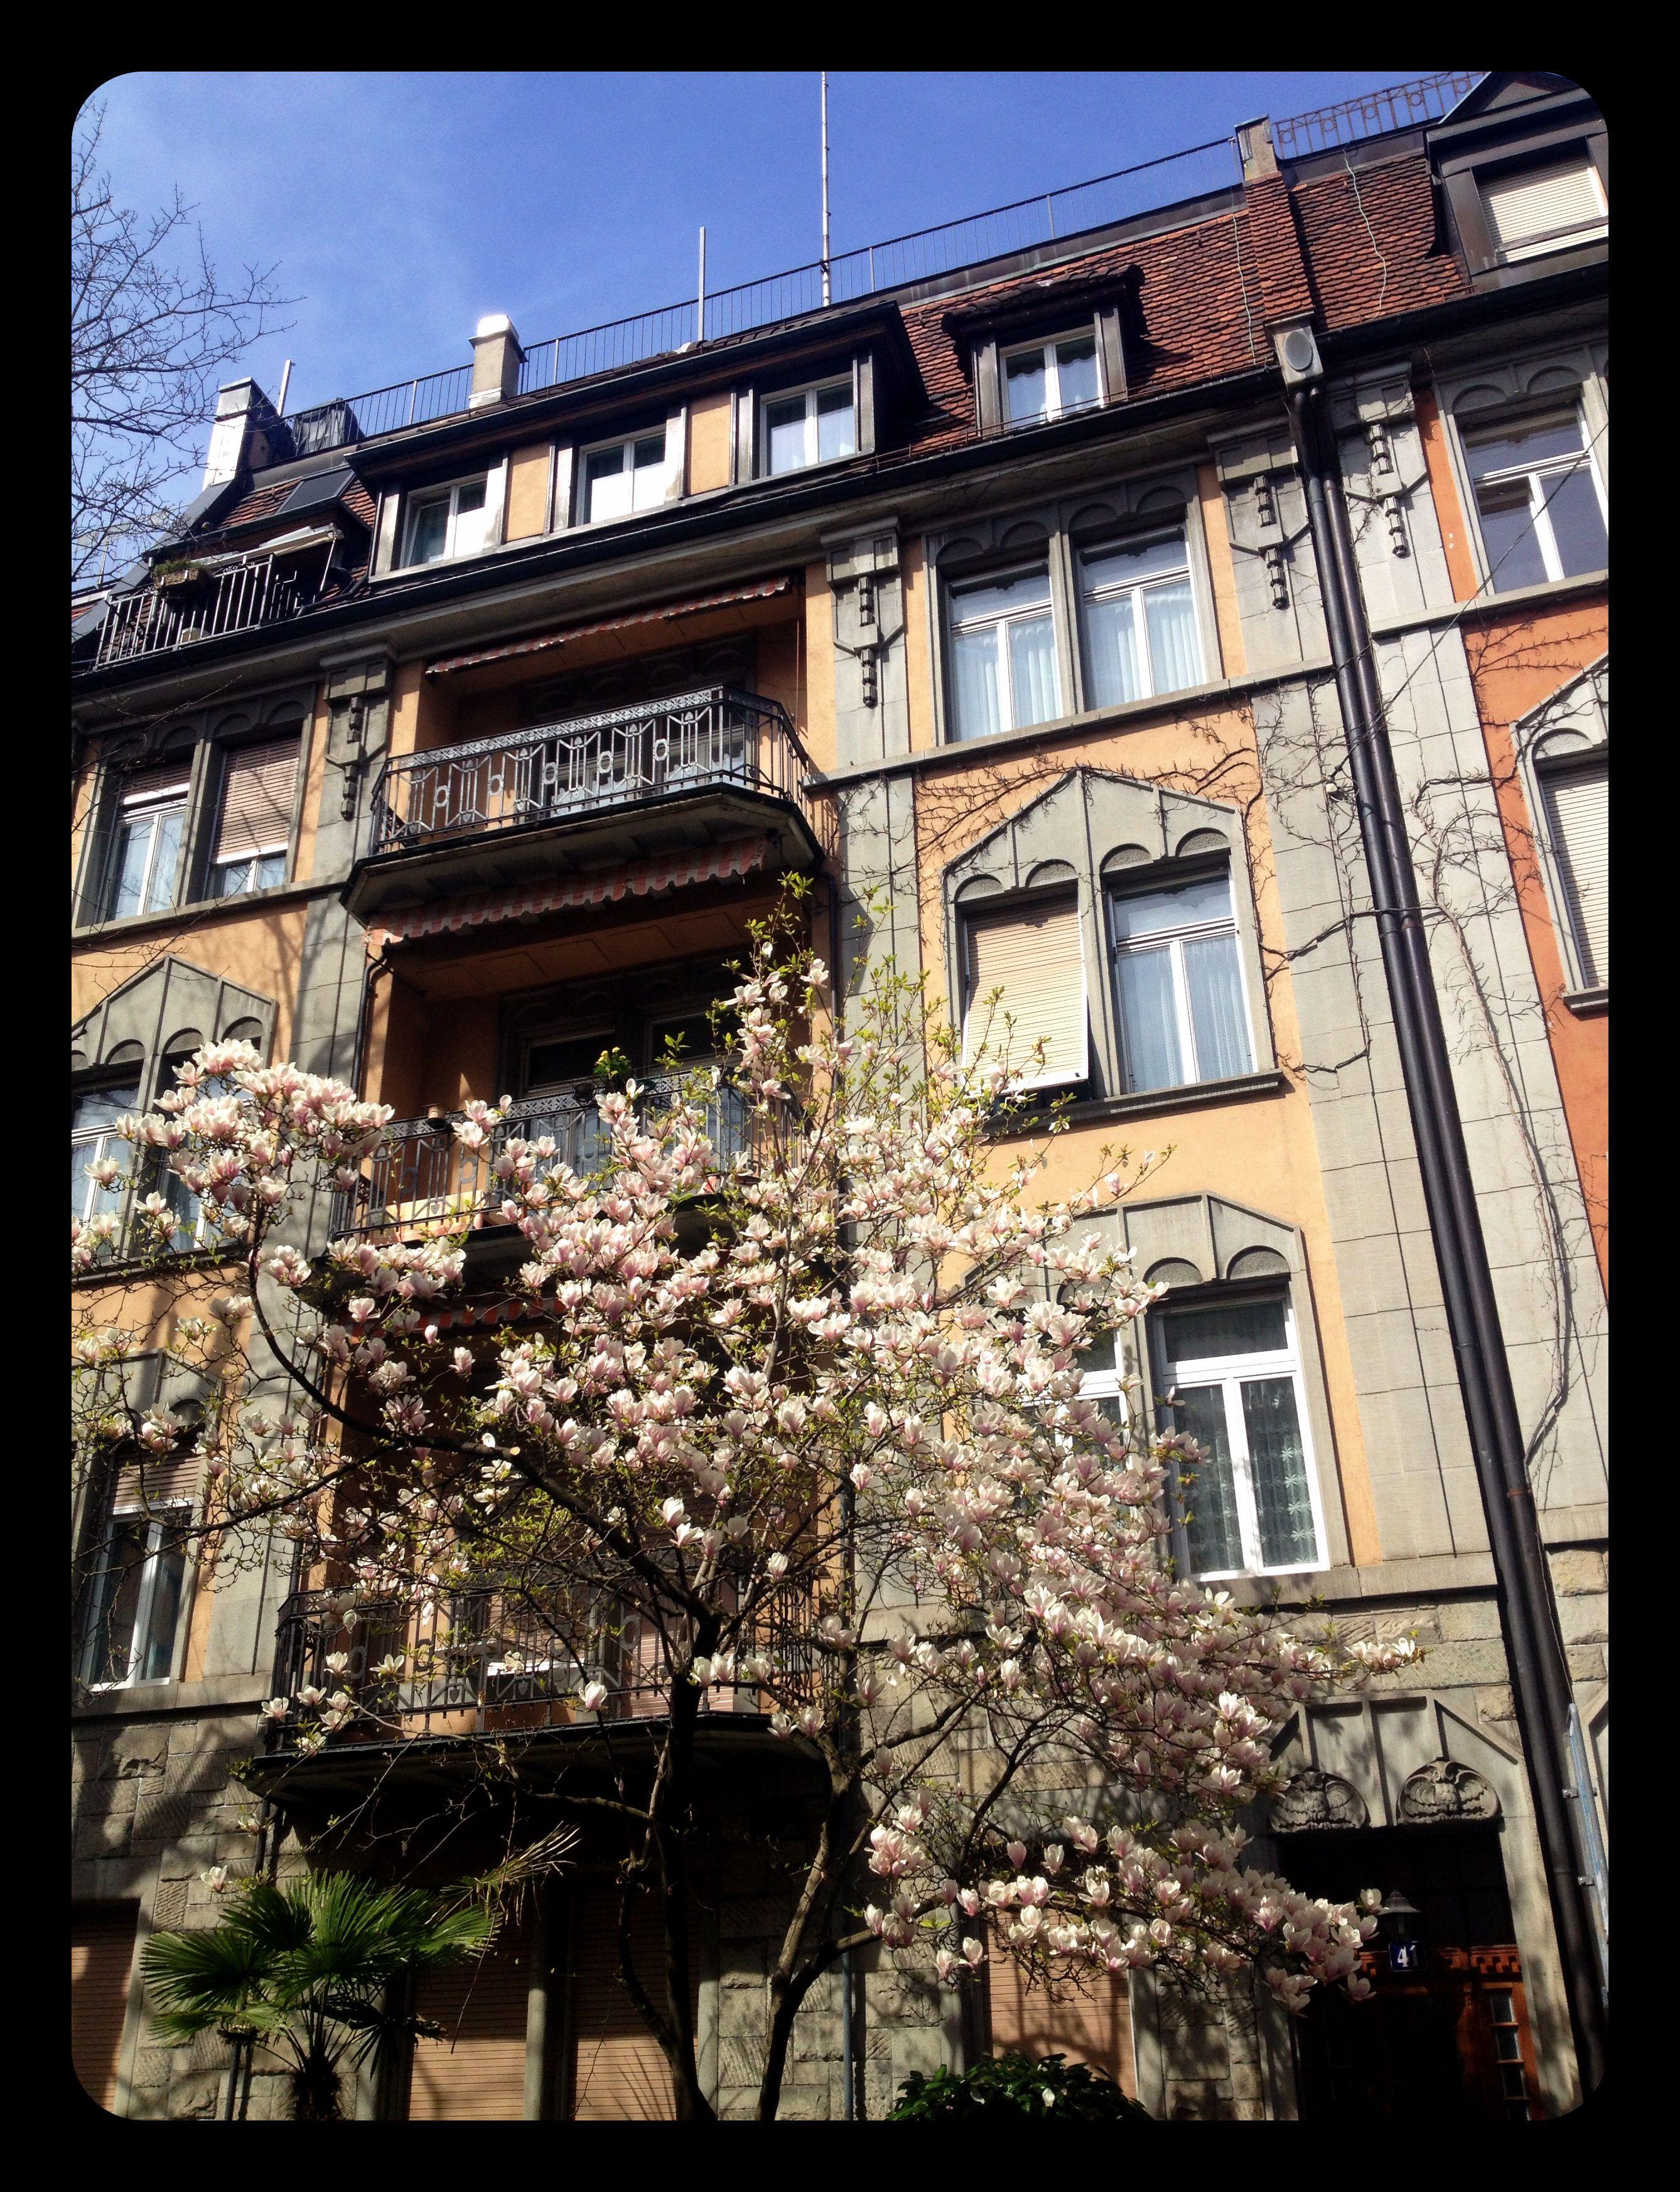 Spring in Zürich